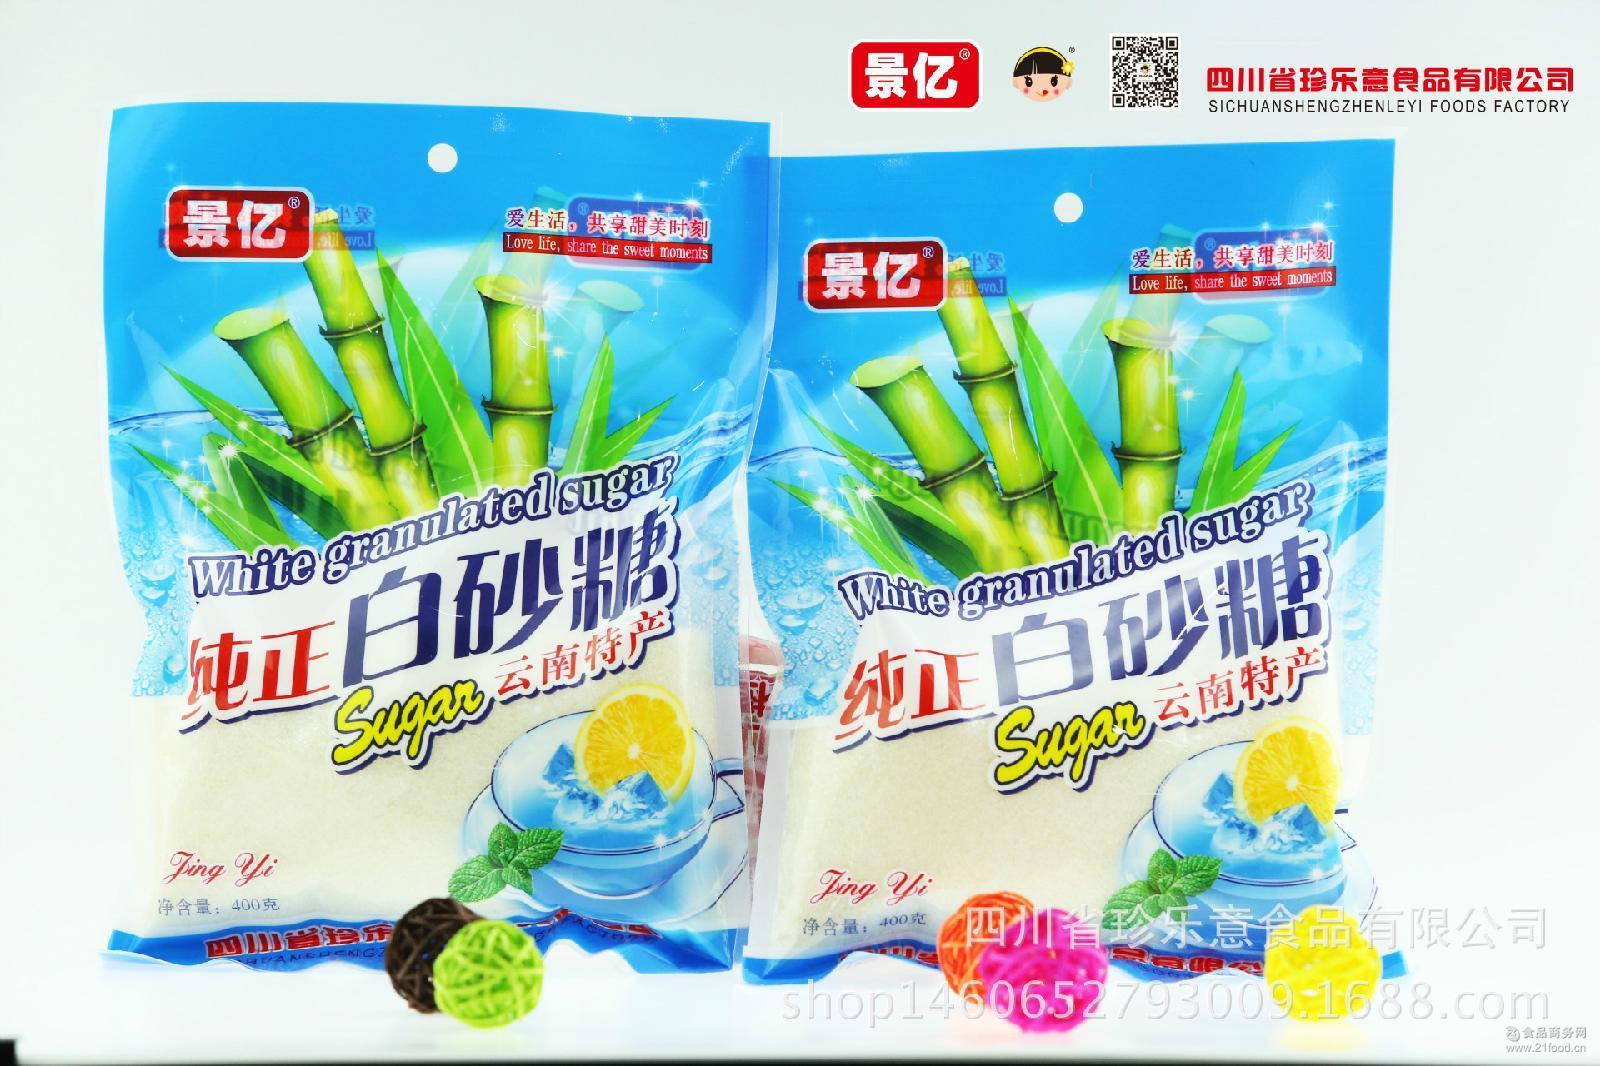 商超食品云南一级白砂糖400g平什锦景亿食品德芙香米脆袋装图片